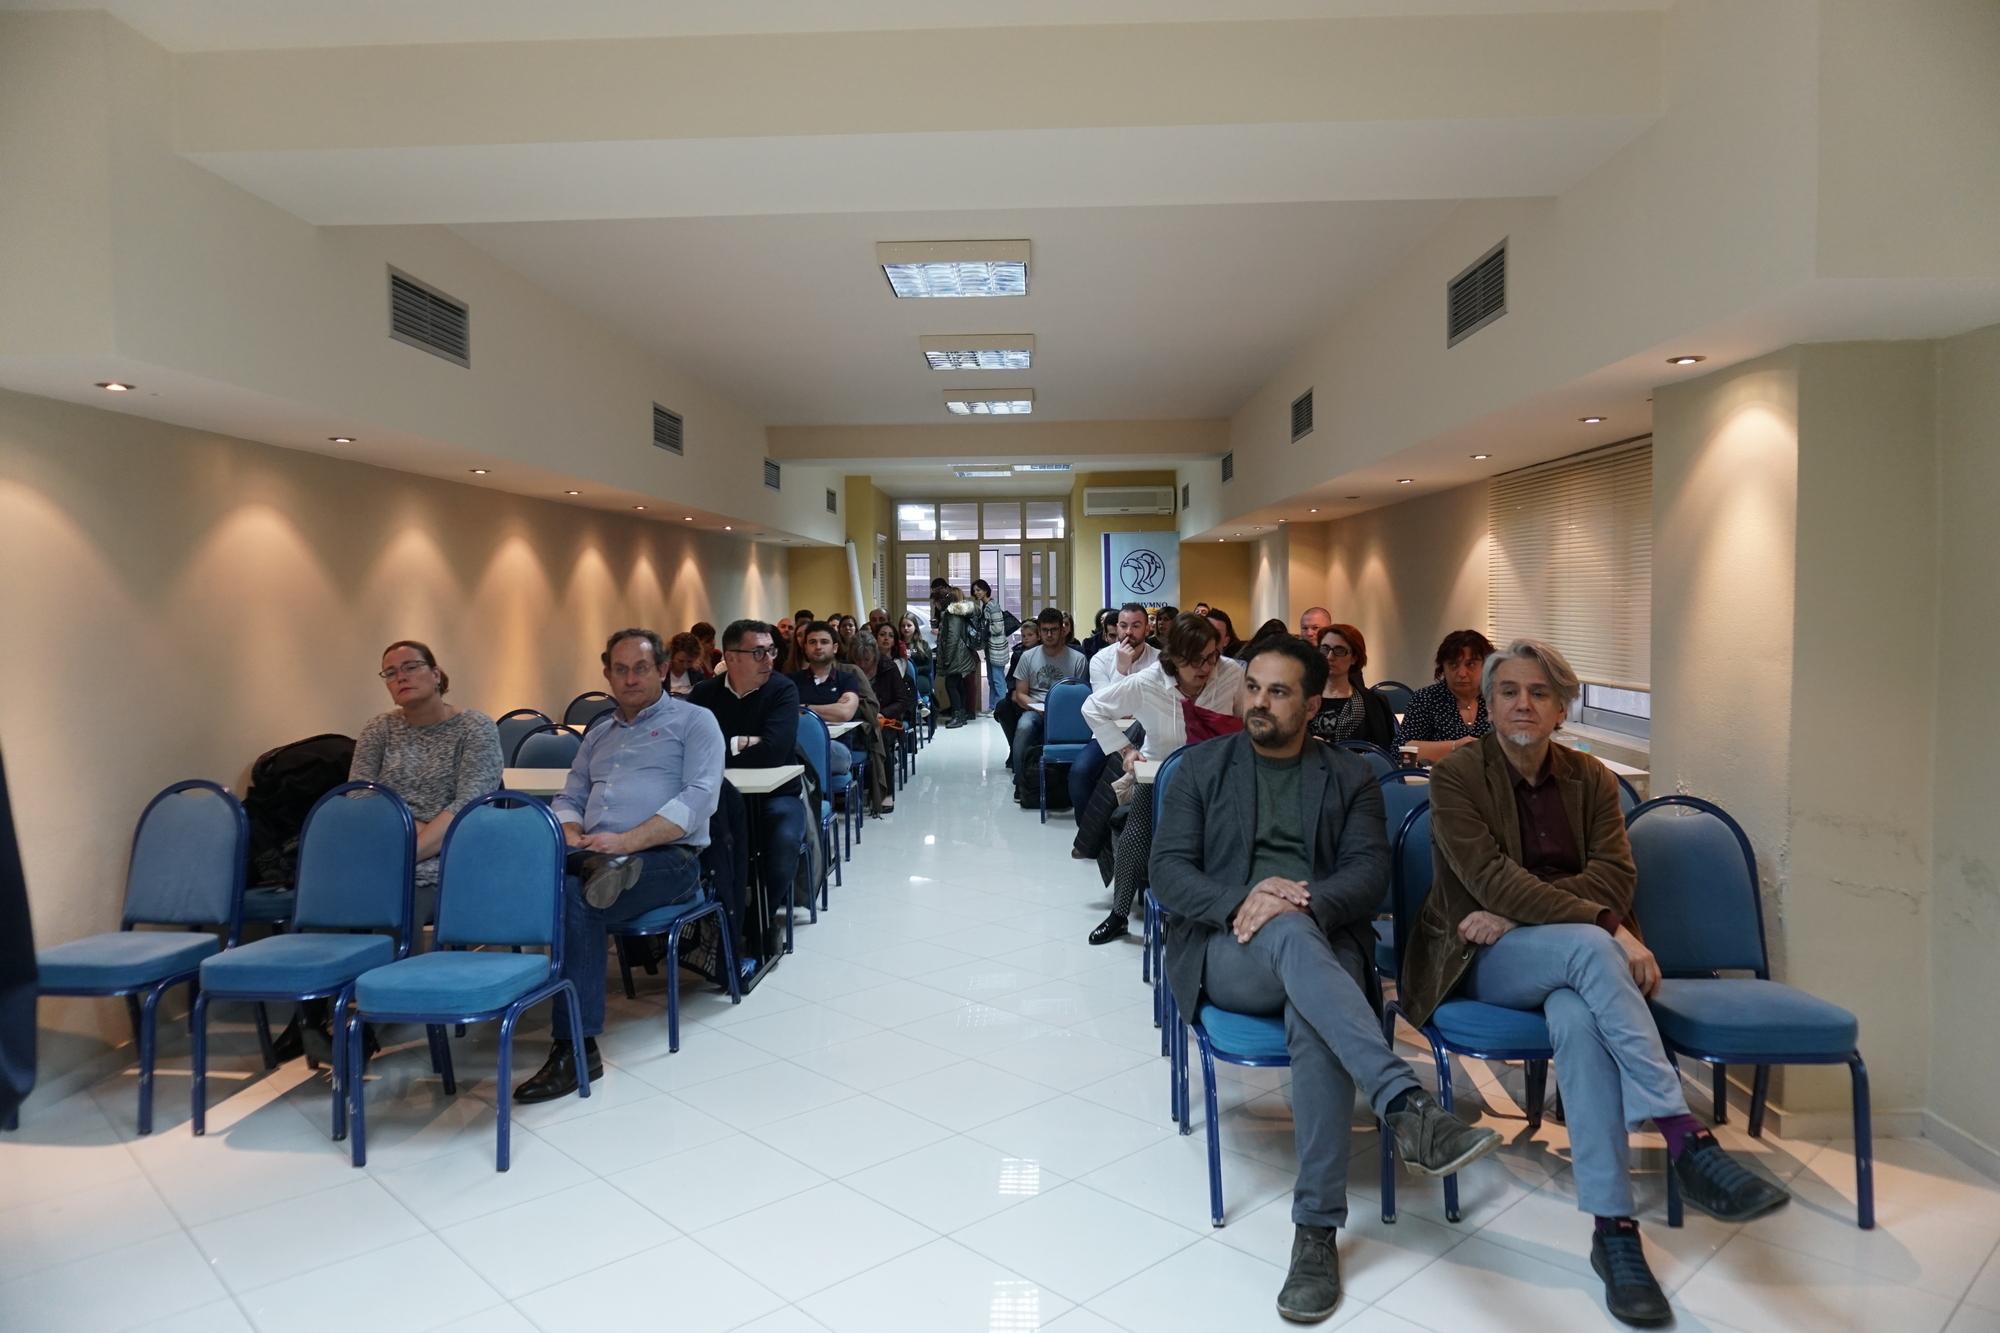 Η «έξυπνη πόλη» στο επίκεντρο συνάντησης διακρατικών εταίρων και φορέων της πόλης του Ρεθύμνου